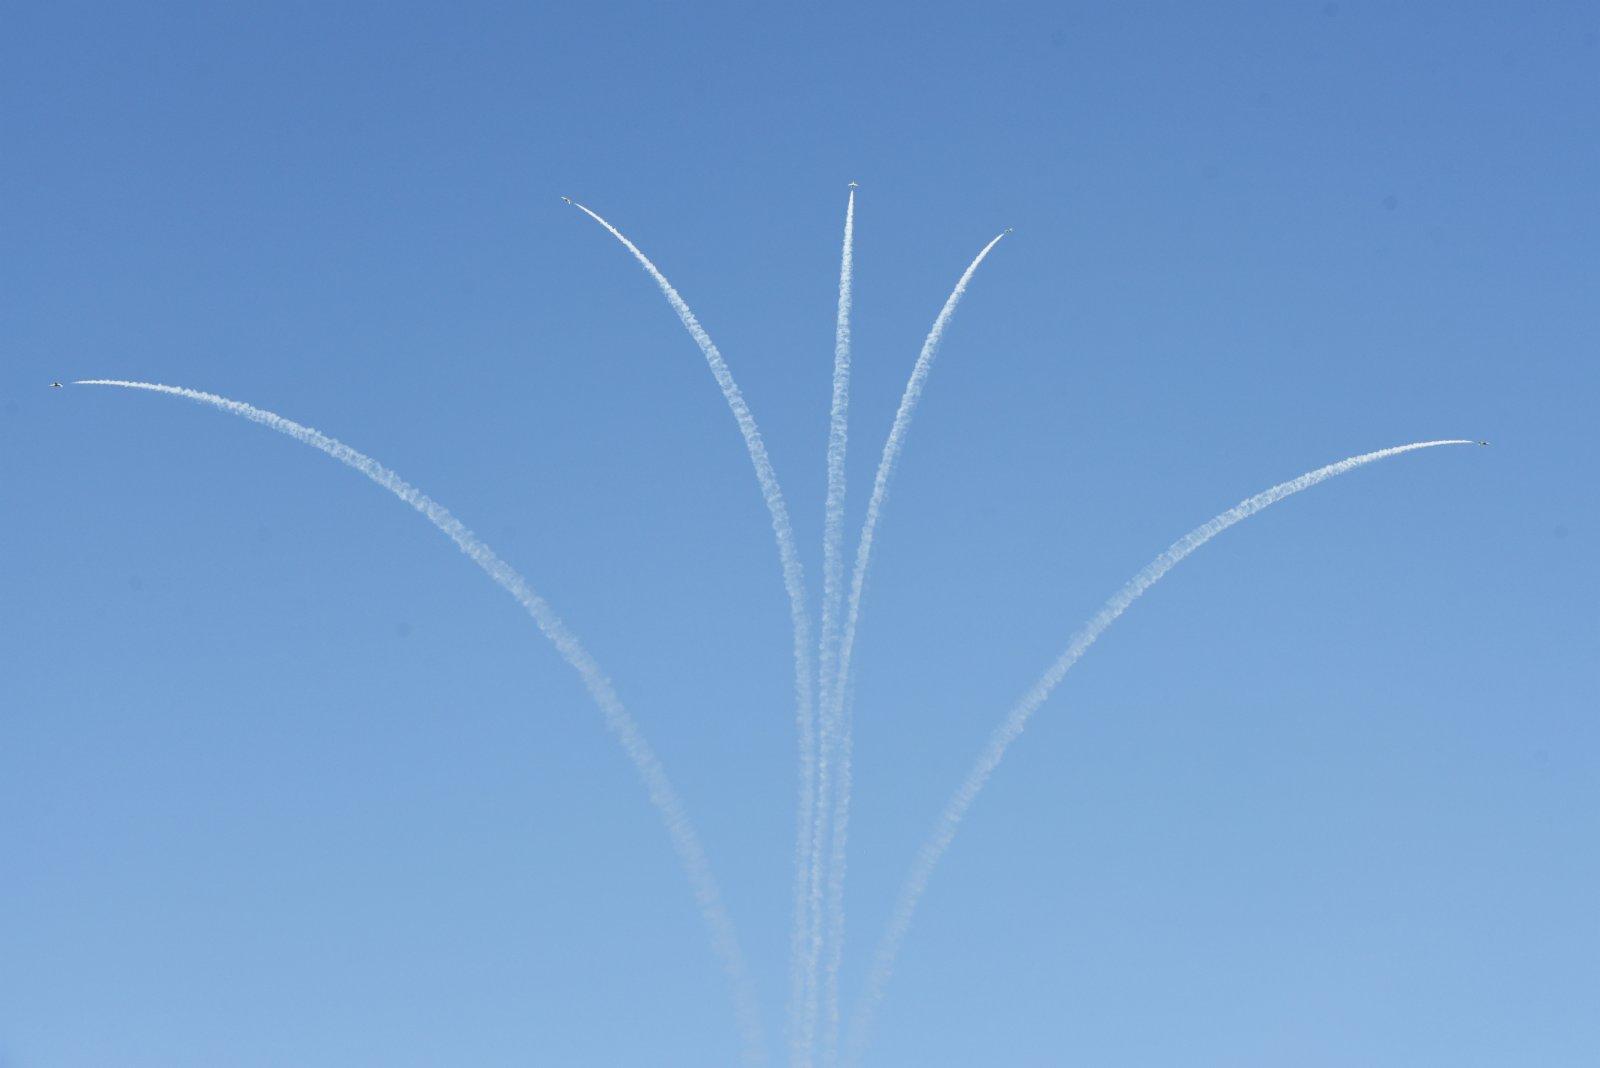 9月22日,在沙特阿拉伯首都利雅得,飛機在天空中畫出花朵的圖樣。(新華社)